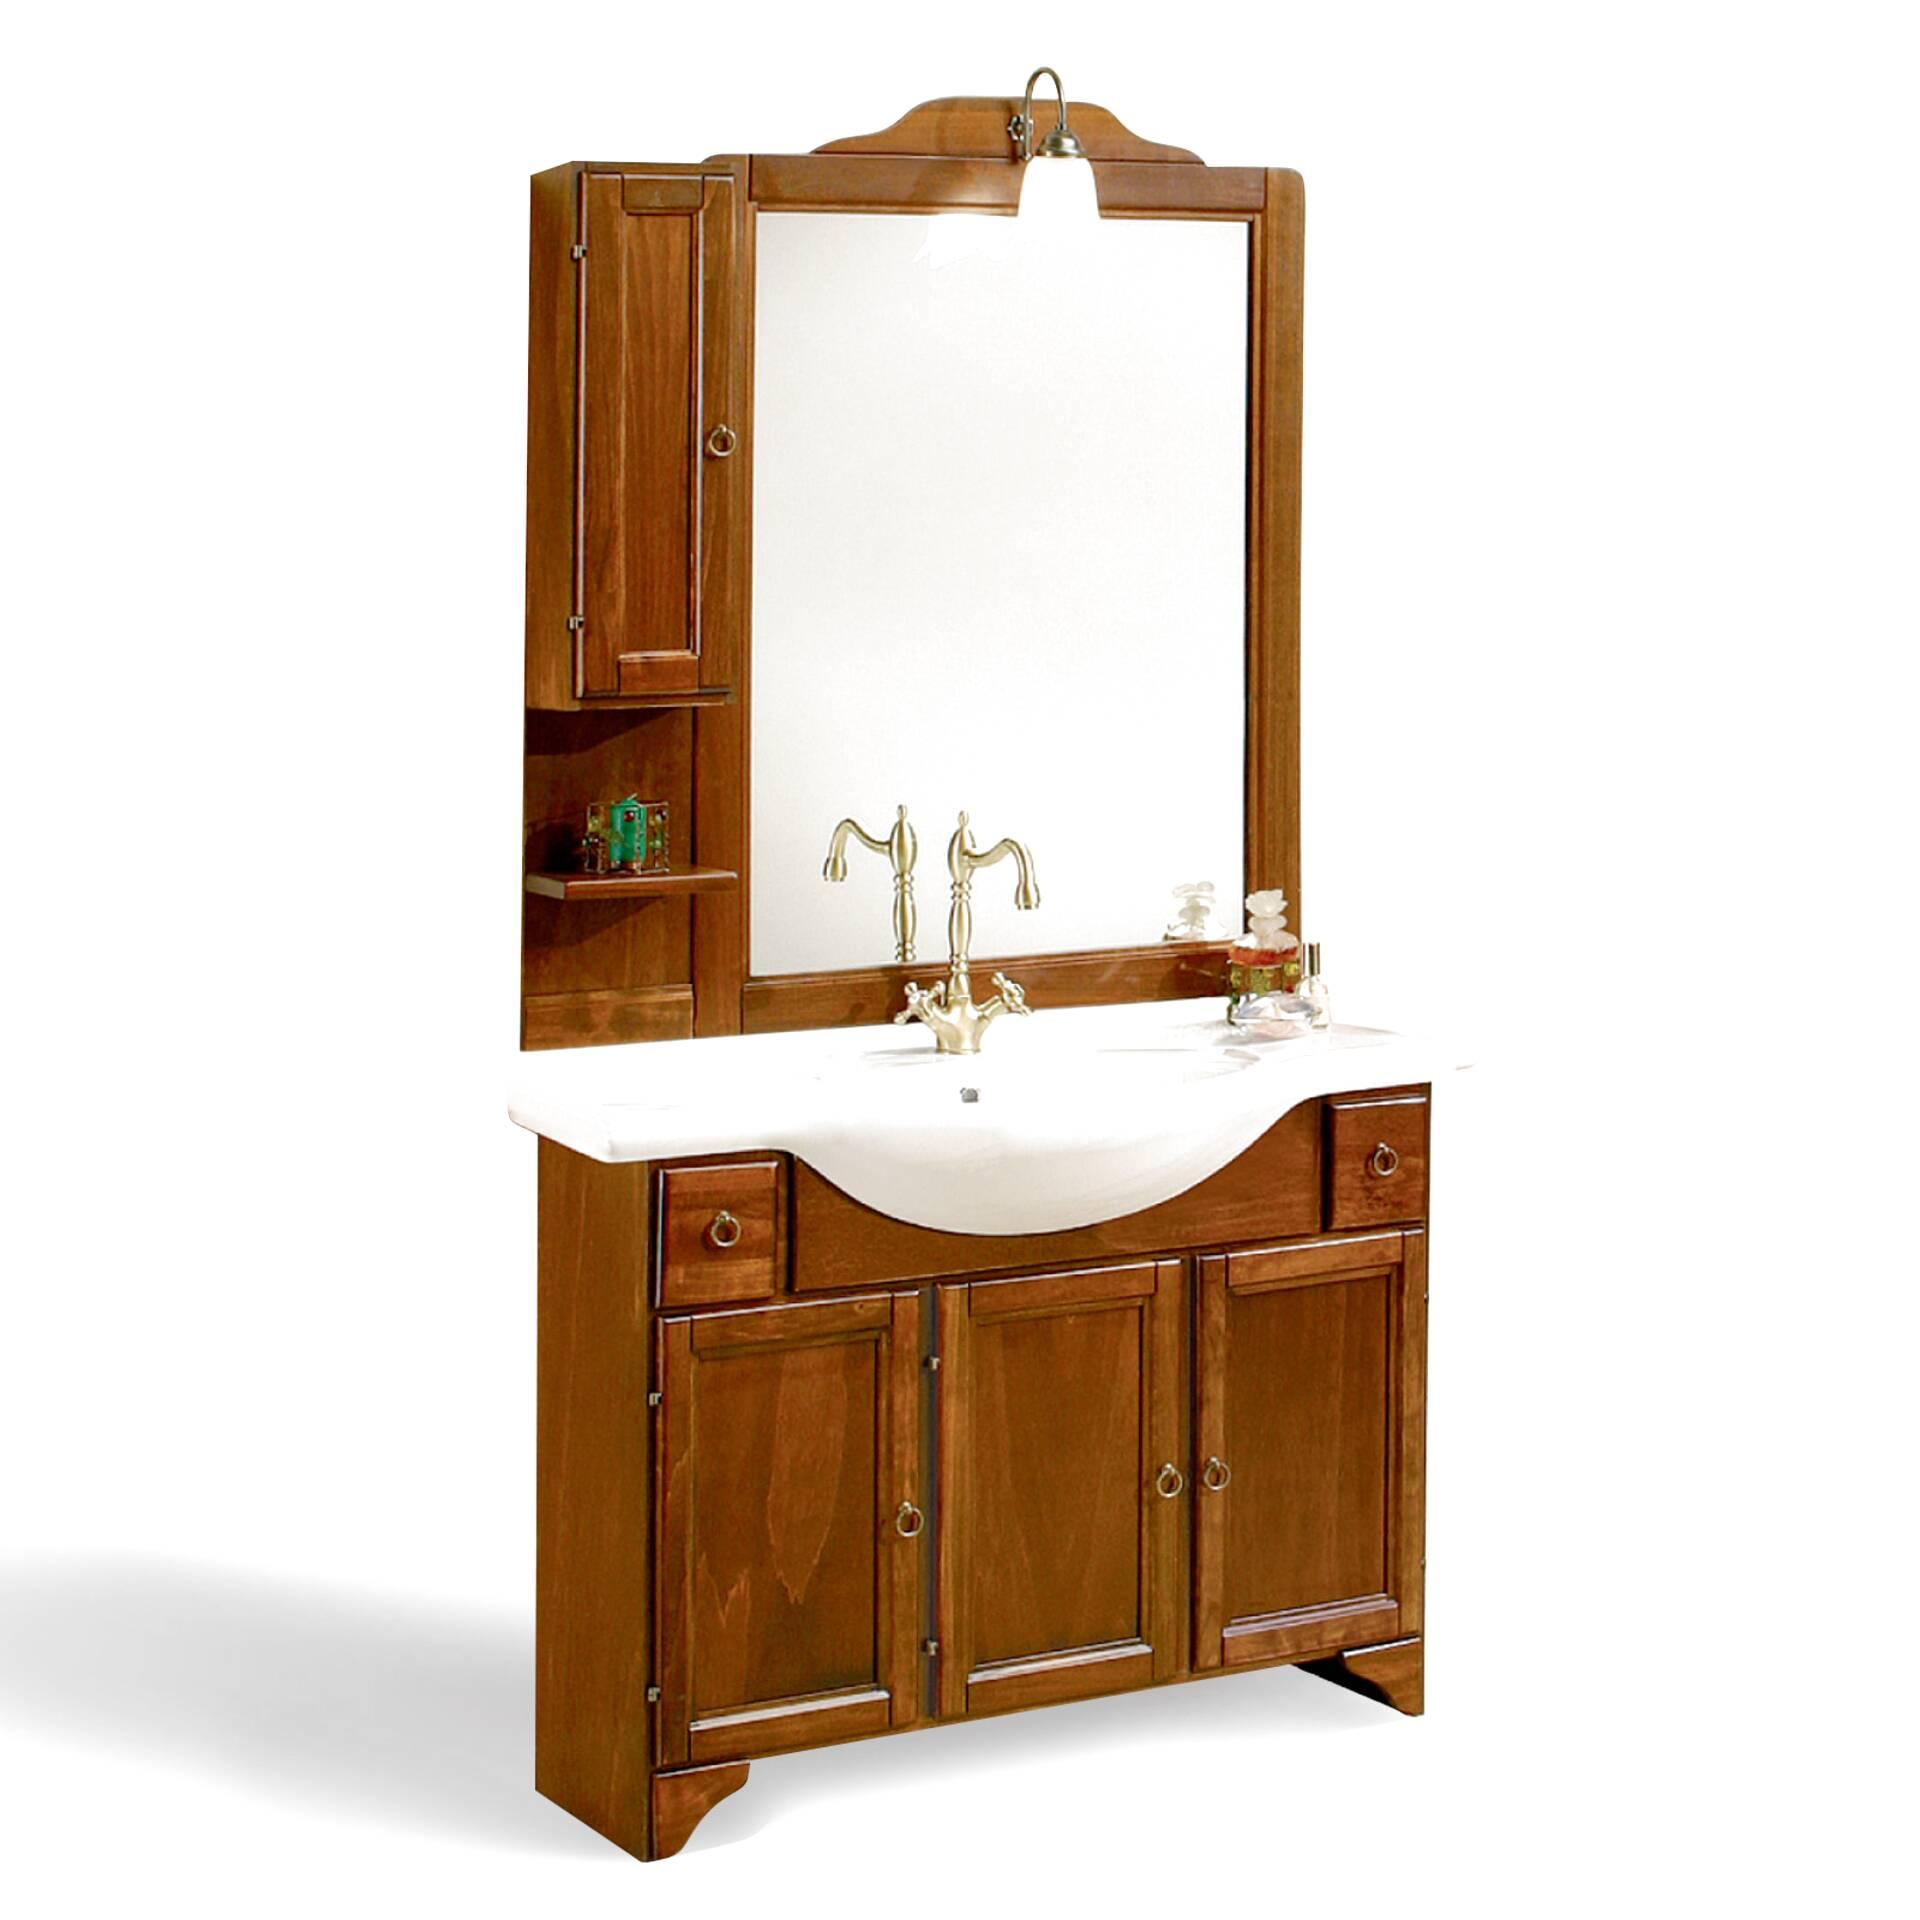 Mobili bagno arte povera usato in italia vedi tutte i 57 for Vendo mobile bagno